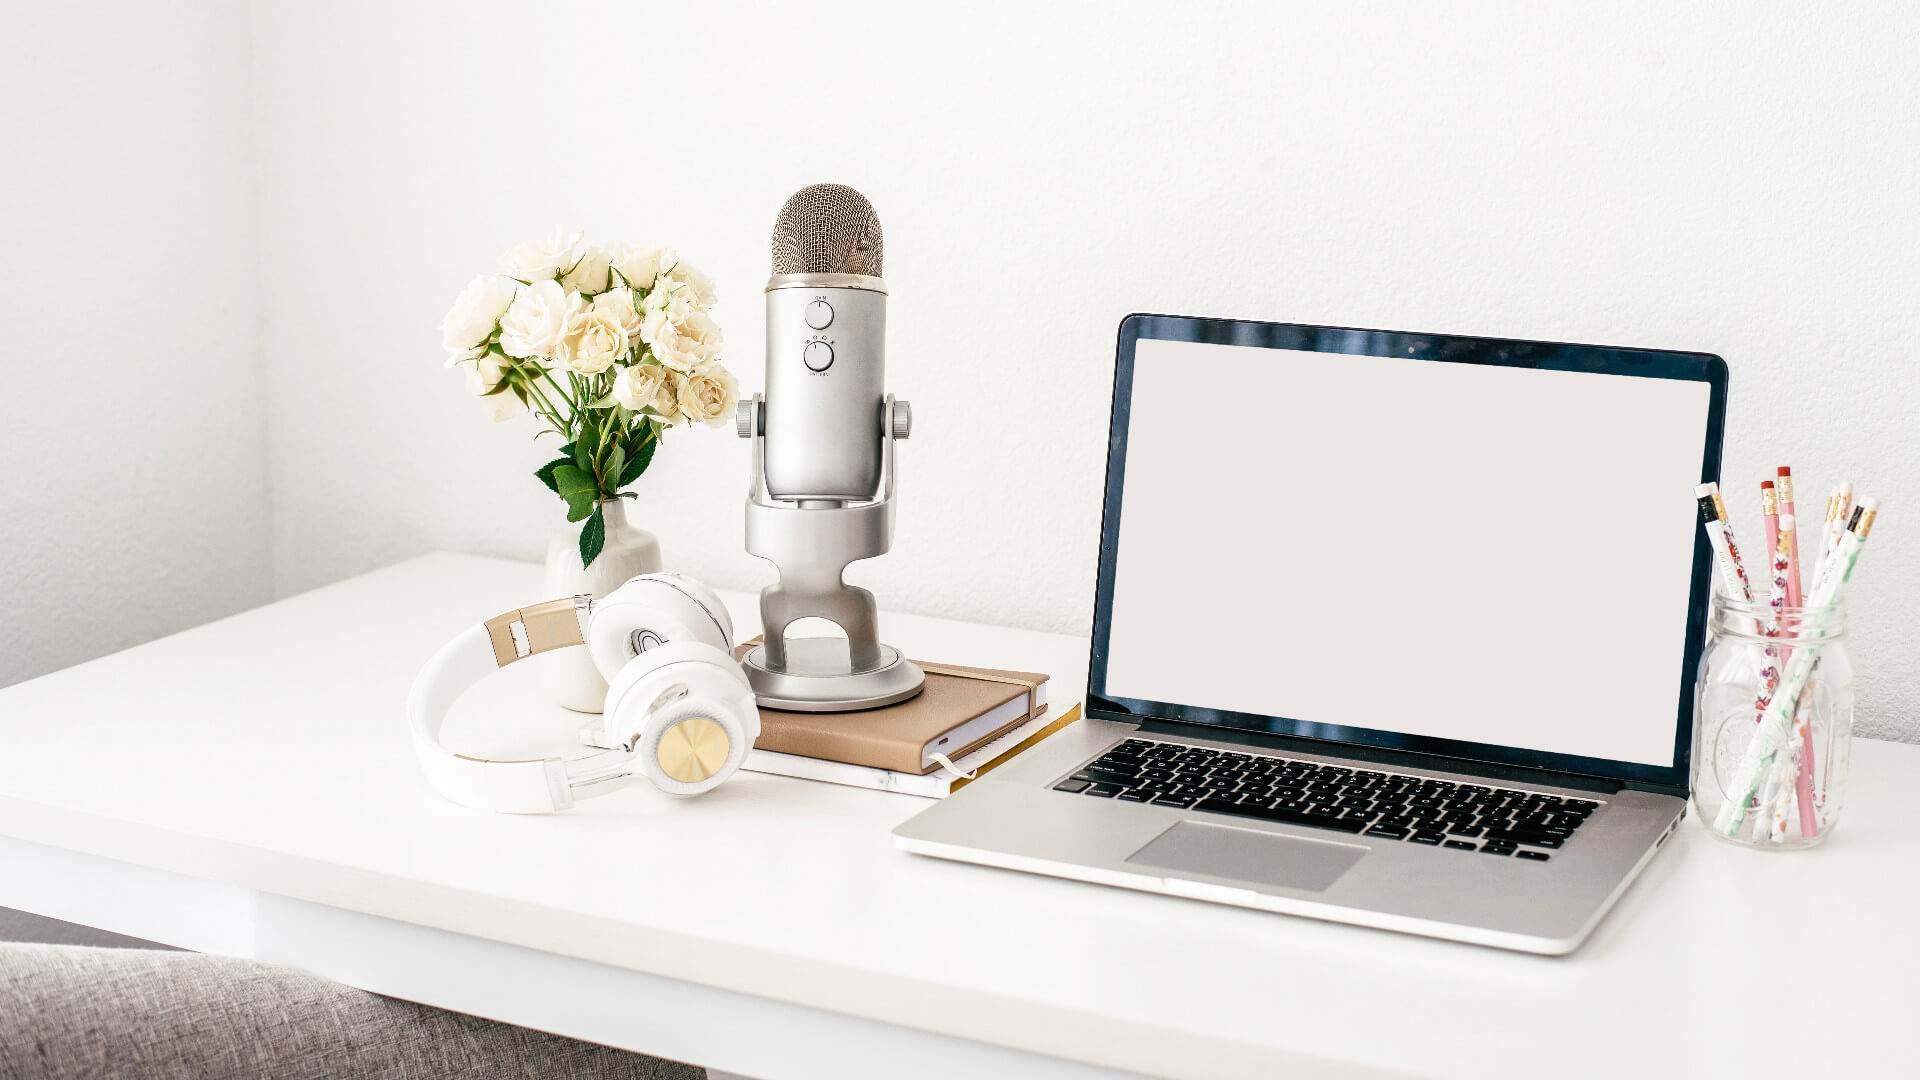 Mehr Fokus, Klarheit & Zeit durch Ordnung auf deinem Schreibtisch – Zuhause & im Büro